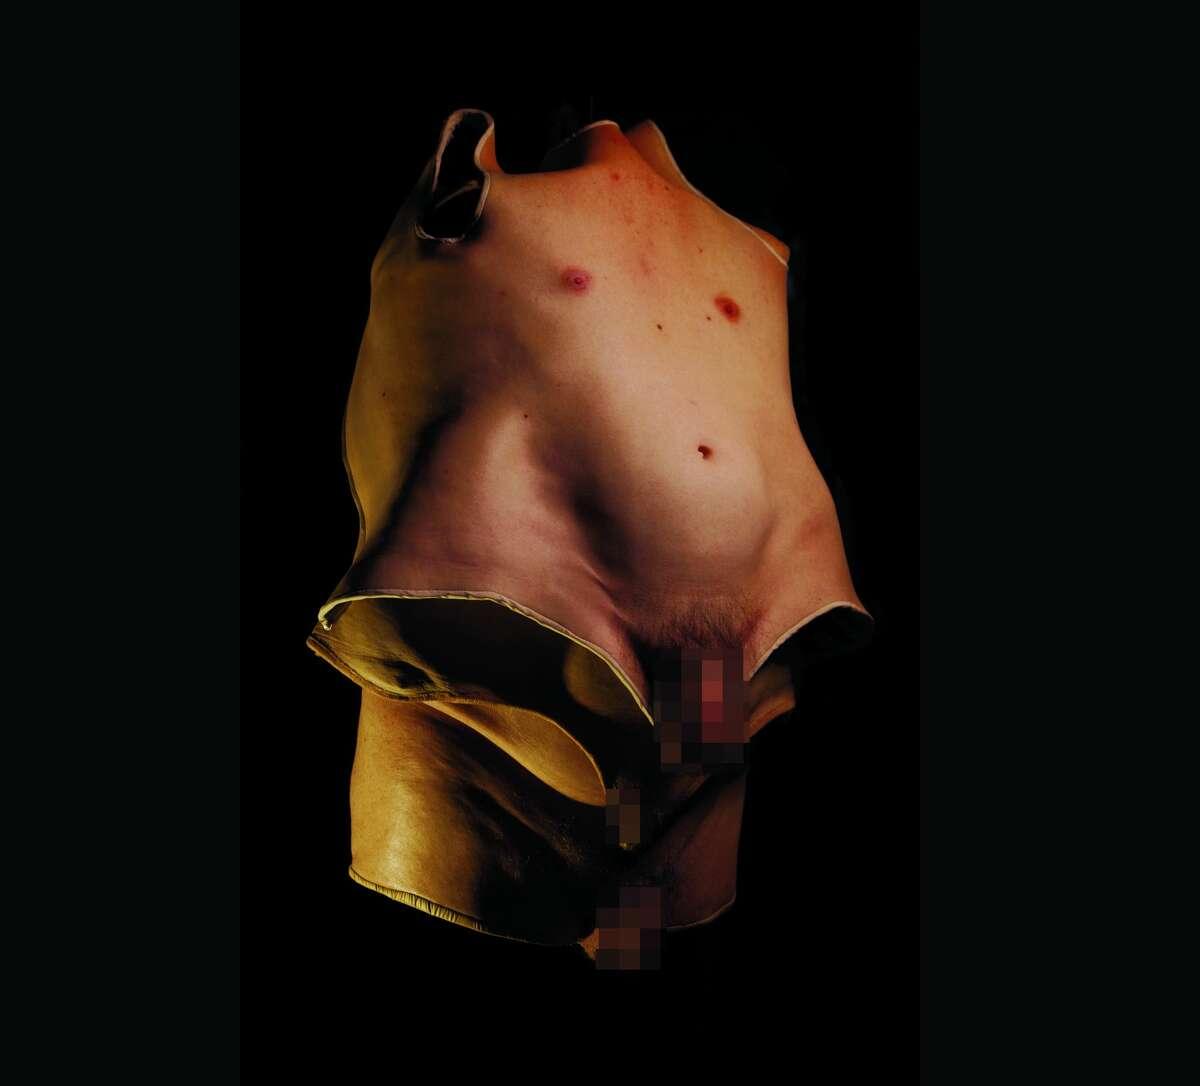 Sculptor Sarah Sitkin's